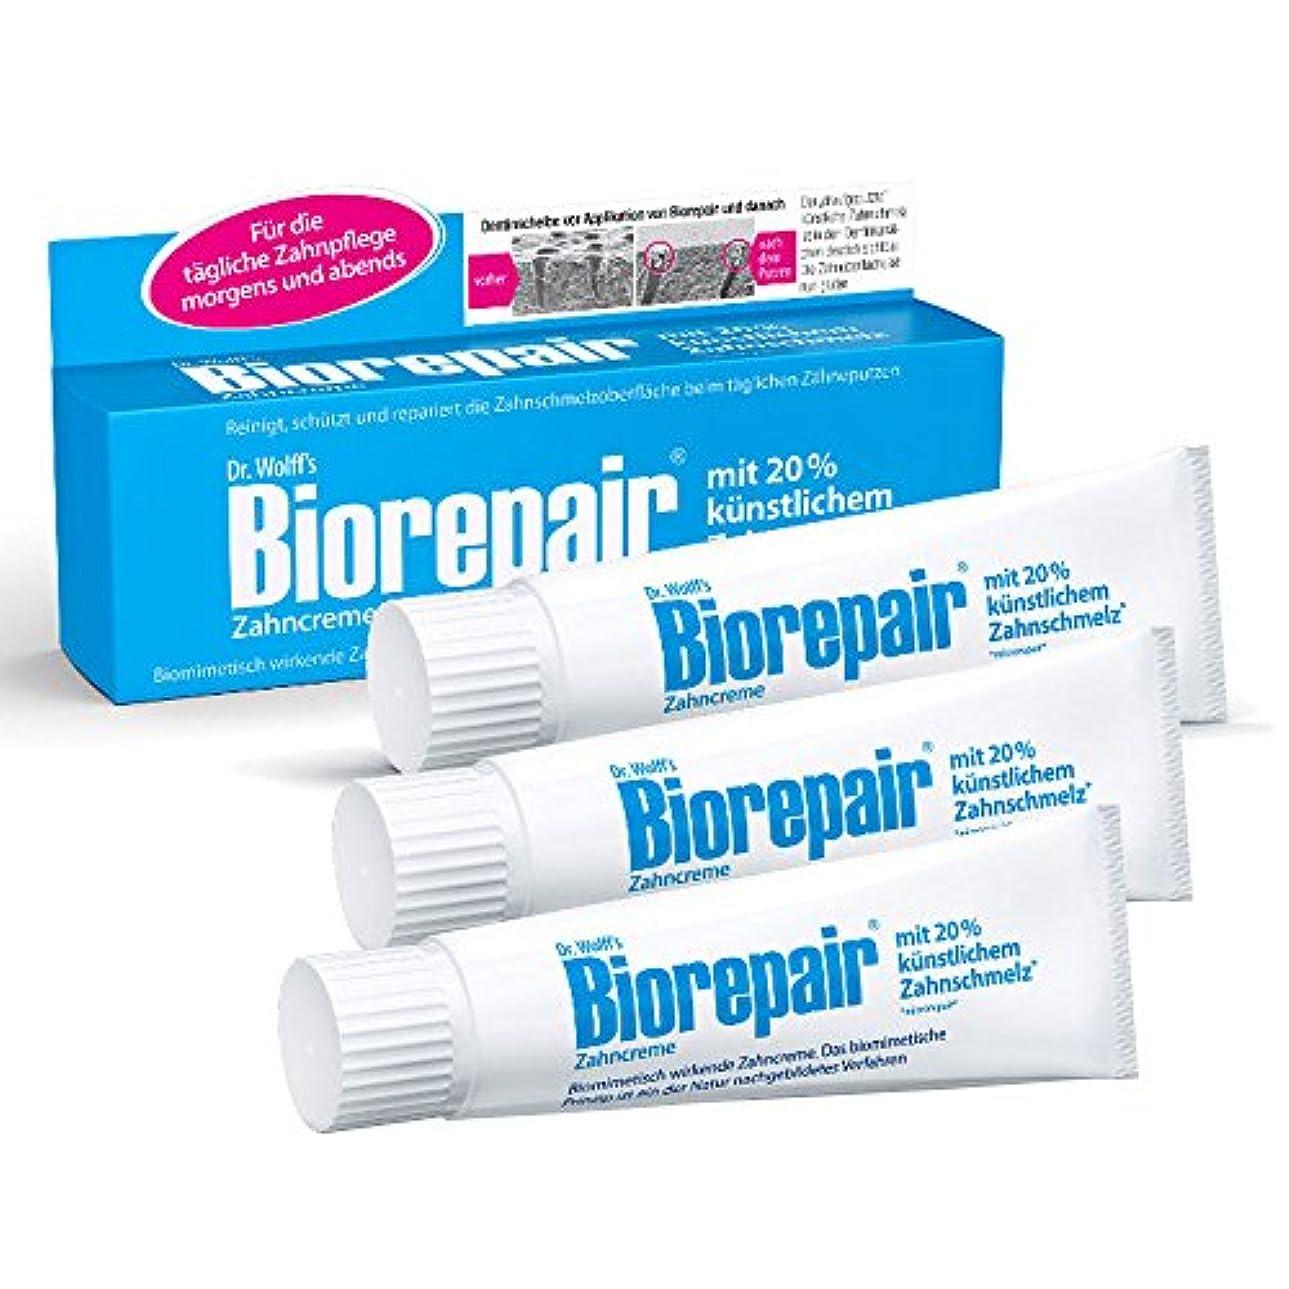 委任九月引っ張るBiorepair 歯磨き粉オリジナル、75ml 歯の保護 耐摩耗性 x 3 [並行輸入品]